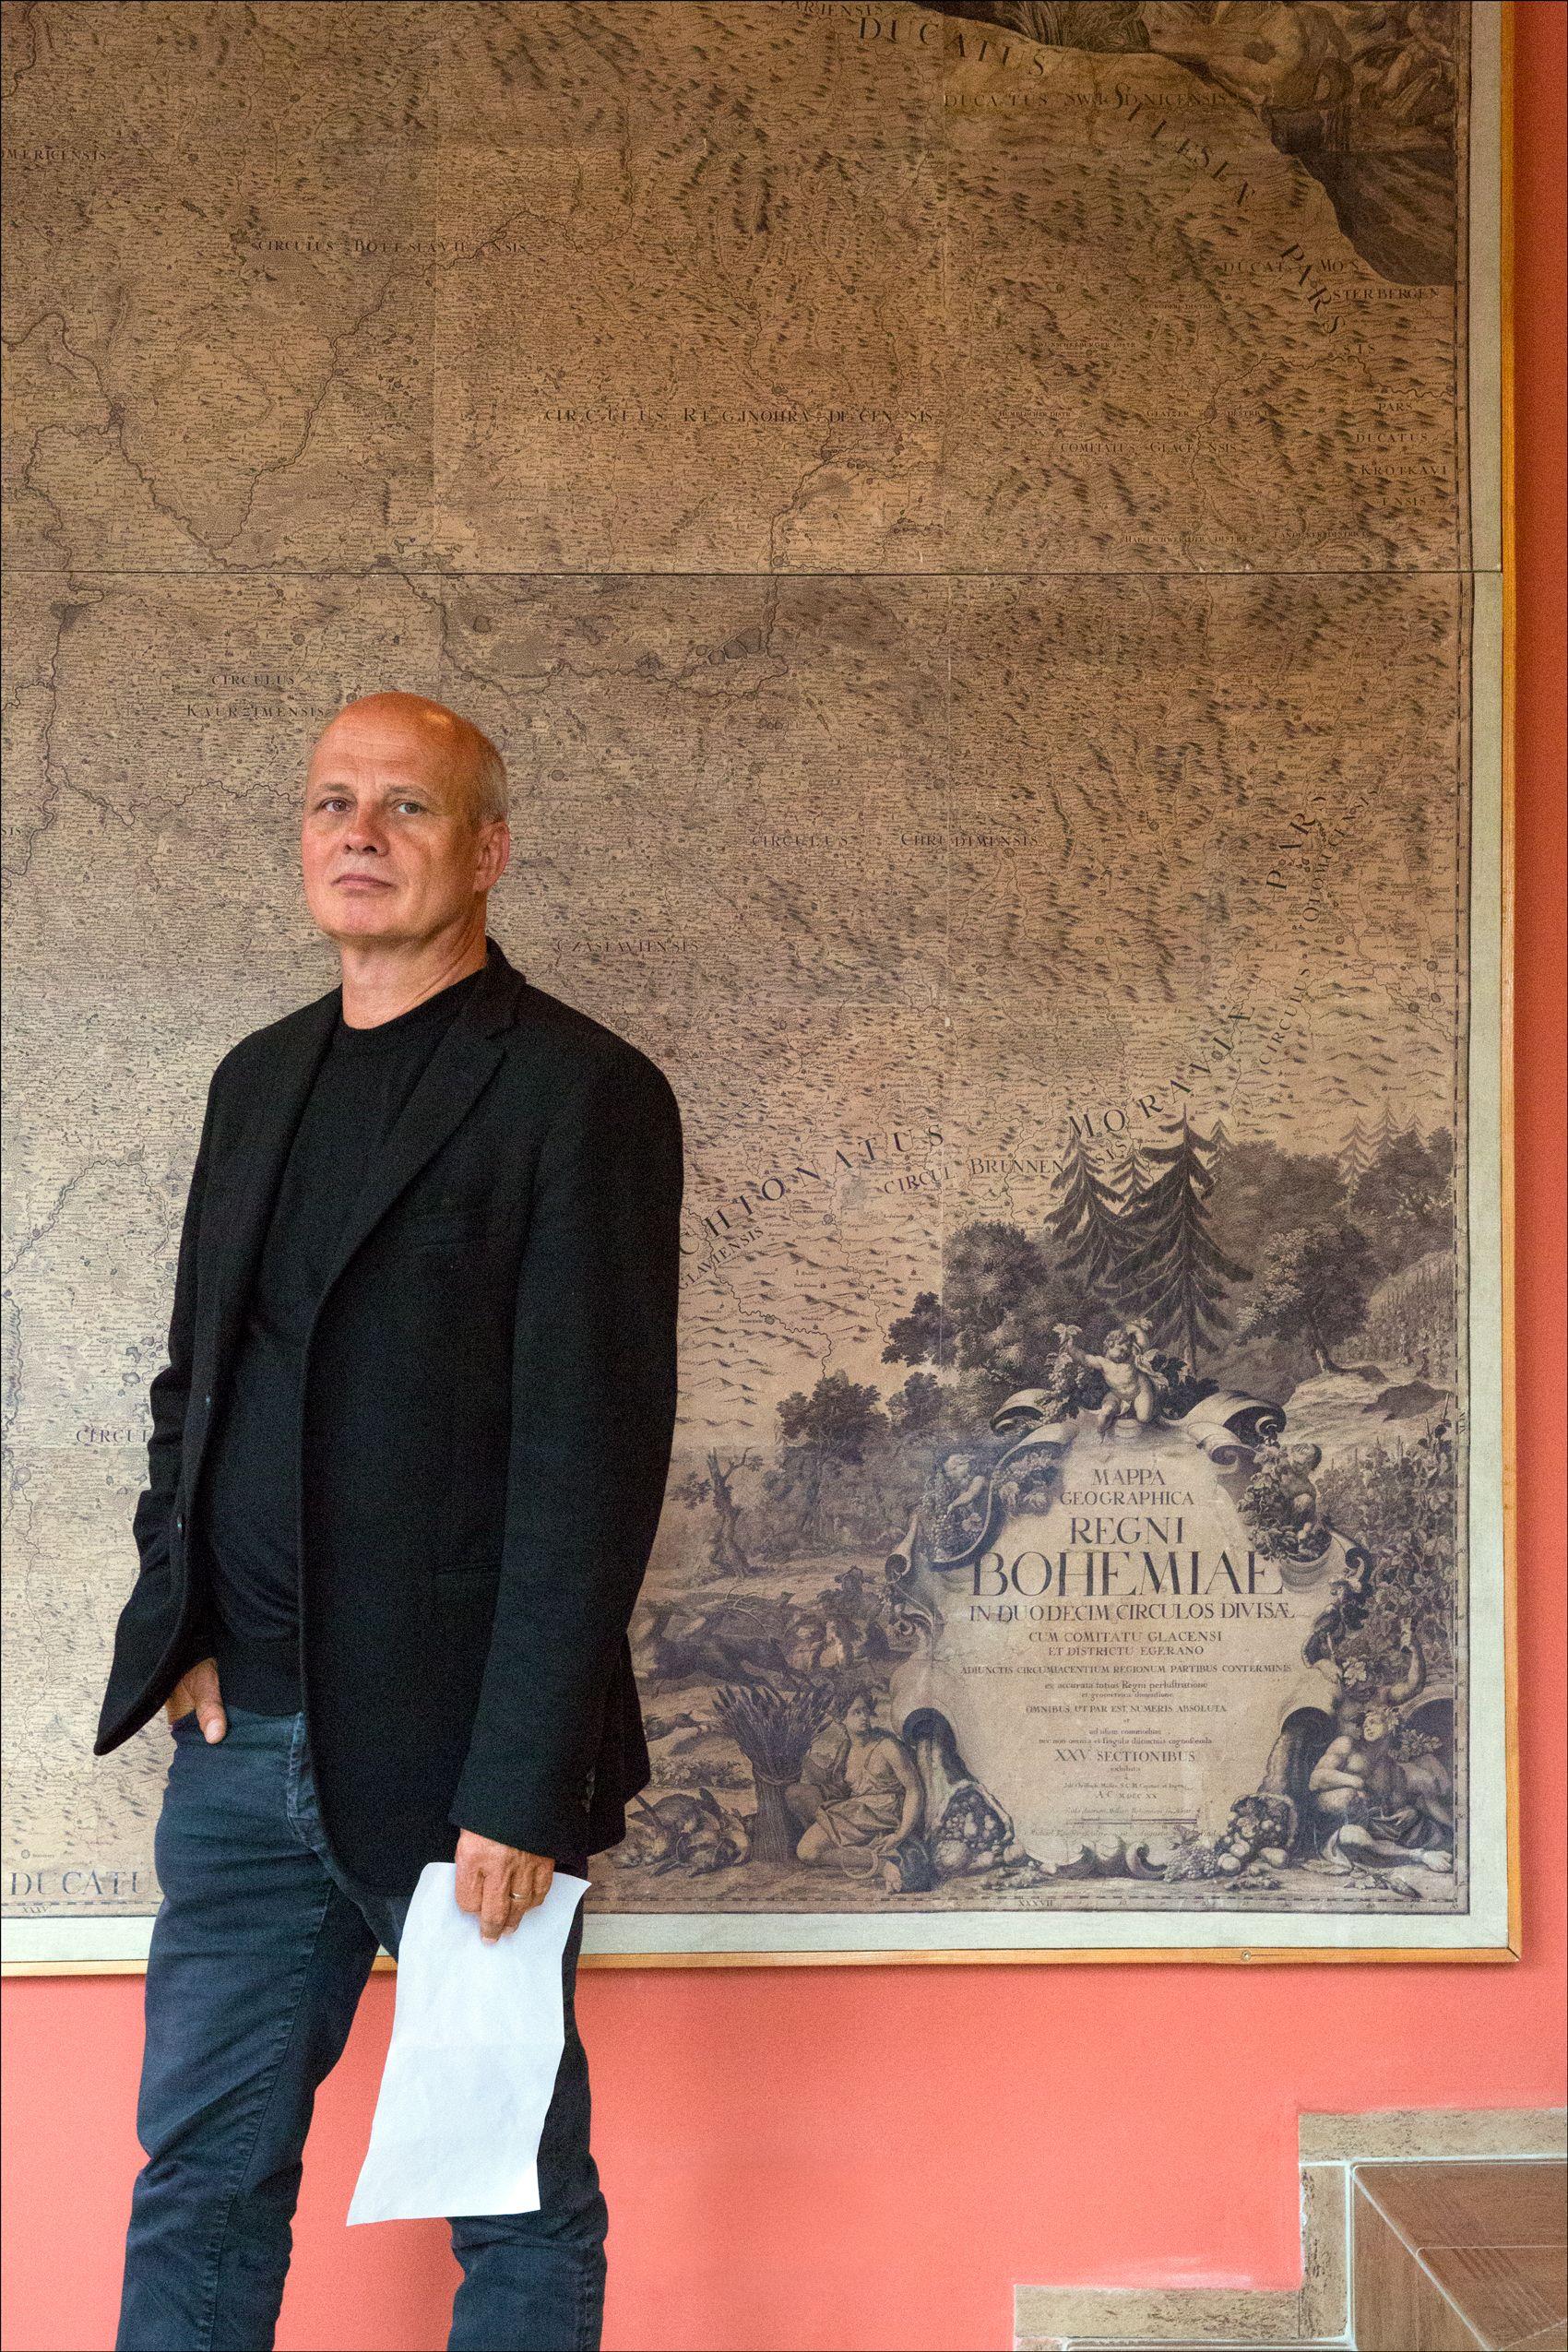 Michal Horacek